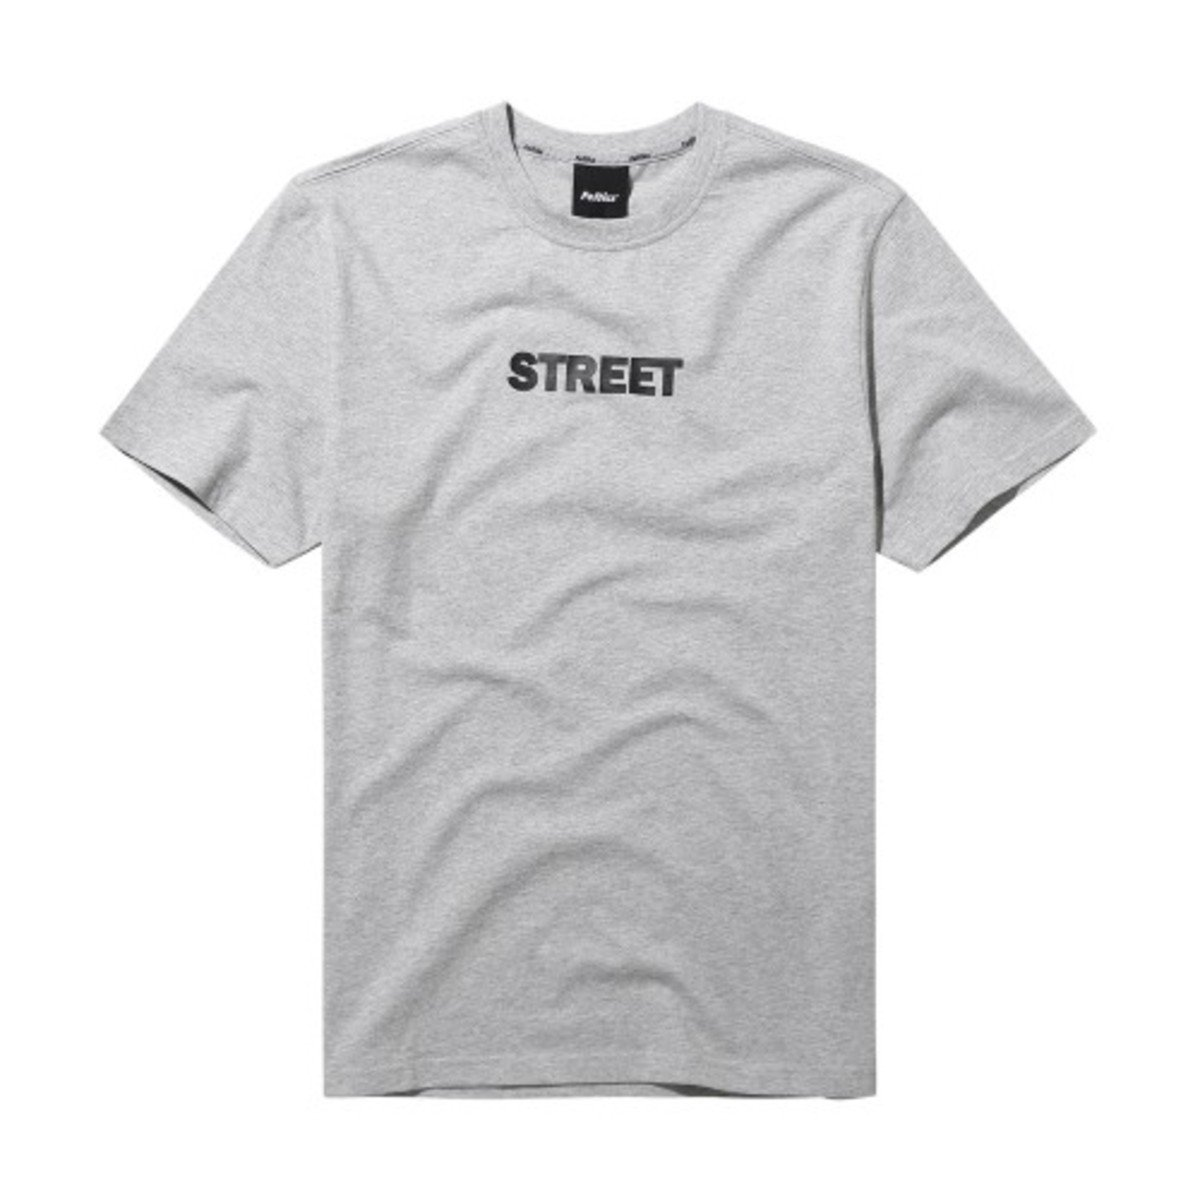 簡約印字短袖T恤